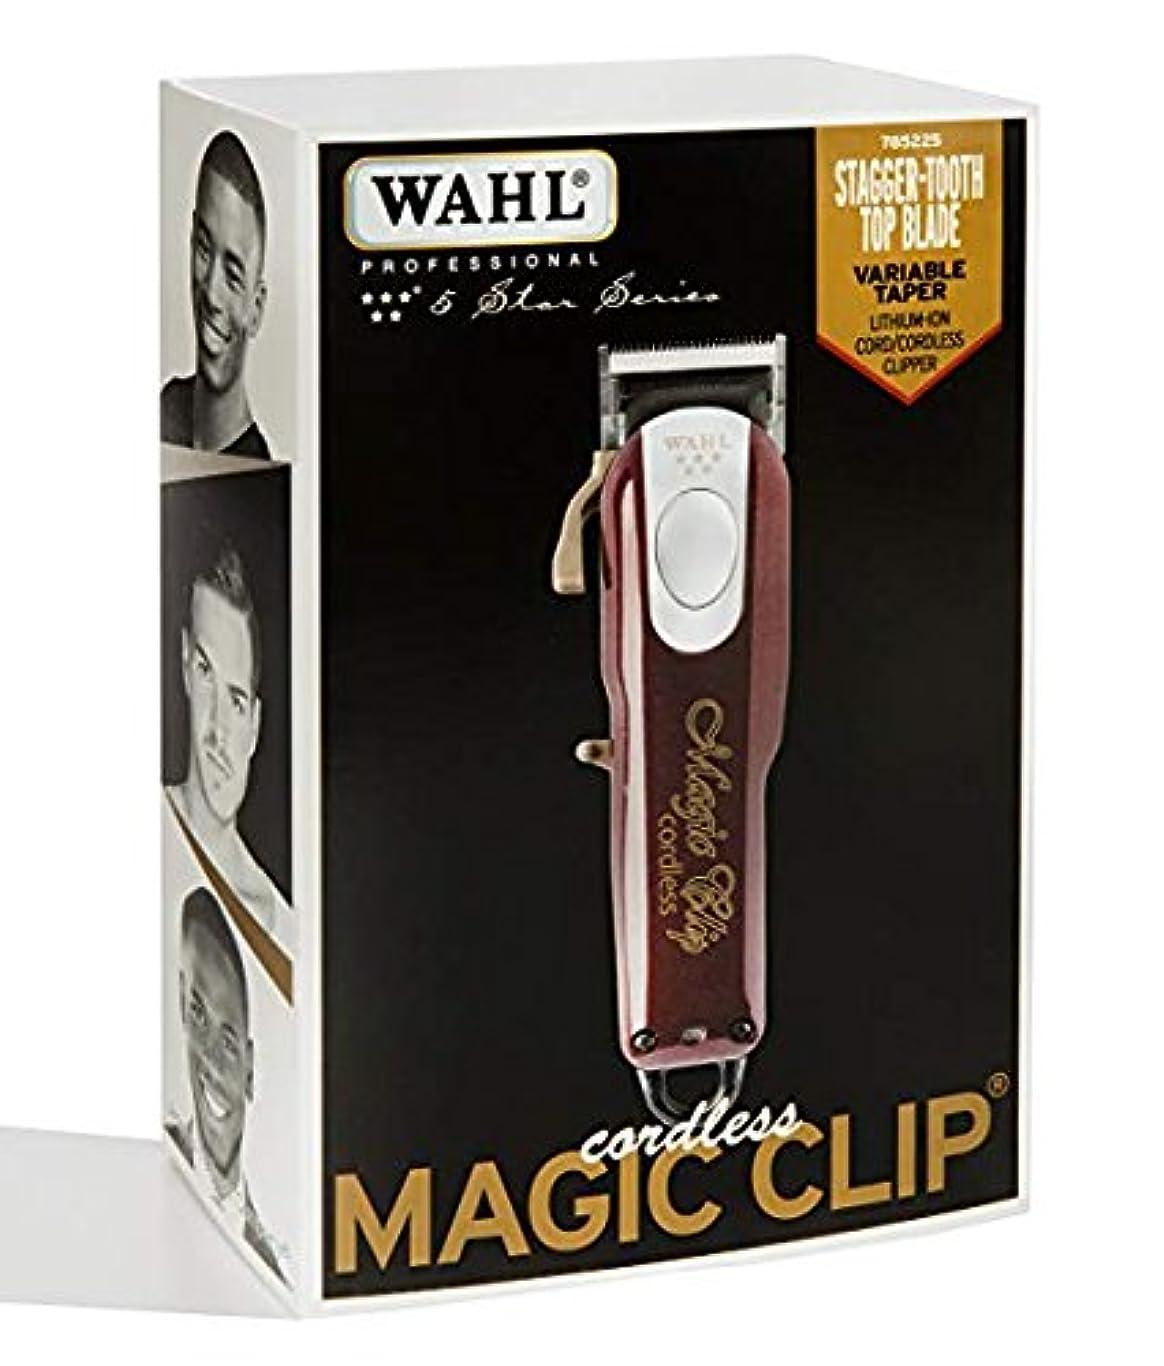 タバコ最も早い中に[Wahl] [すばらしいです 専用 理髪店とスタイリスト - 90分以上の実行時間 / Professional 5-Star Cord/Cordless Magic Clip #8148] (並行輸入品)